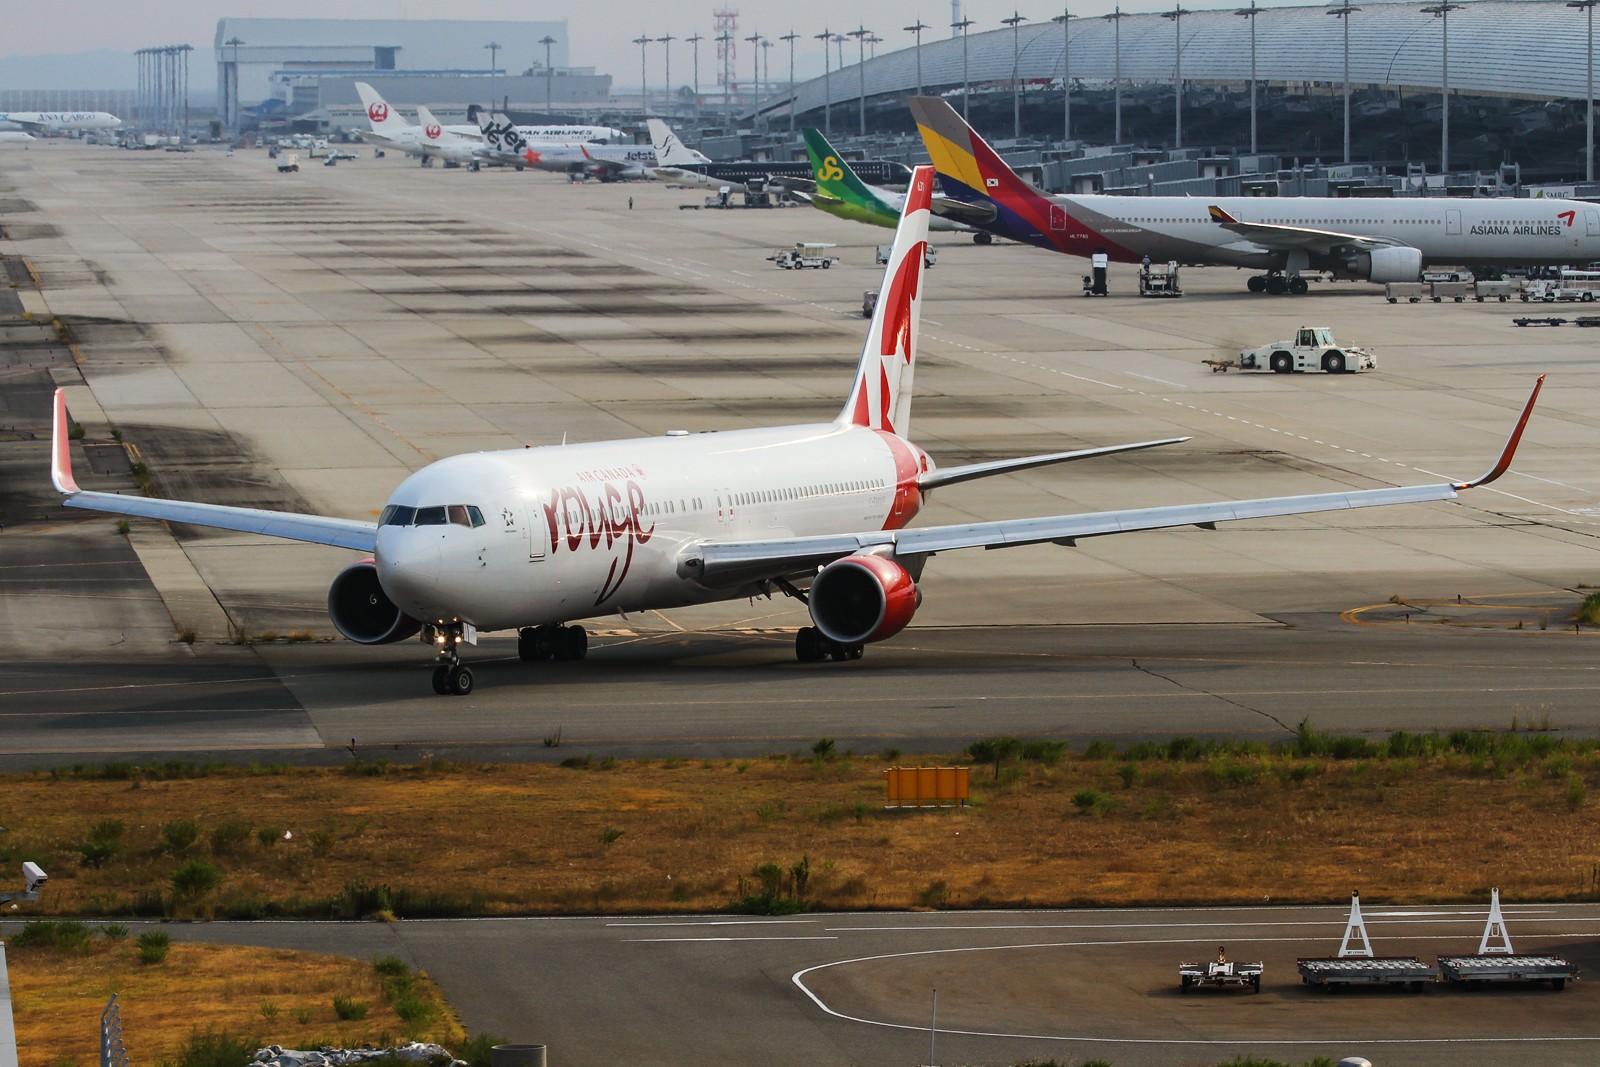 Re:[原创]【NKG/LHR/LCY/FFD/FAB/MAN/FRA/KIX】暑期临近尾声,大不列颠/霓虹流窜记回顾总结 BOEING 767-300 C-FMWP 日本关西机场